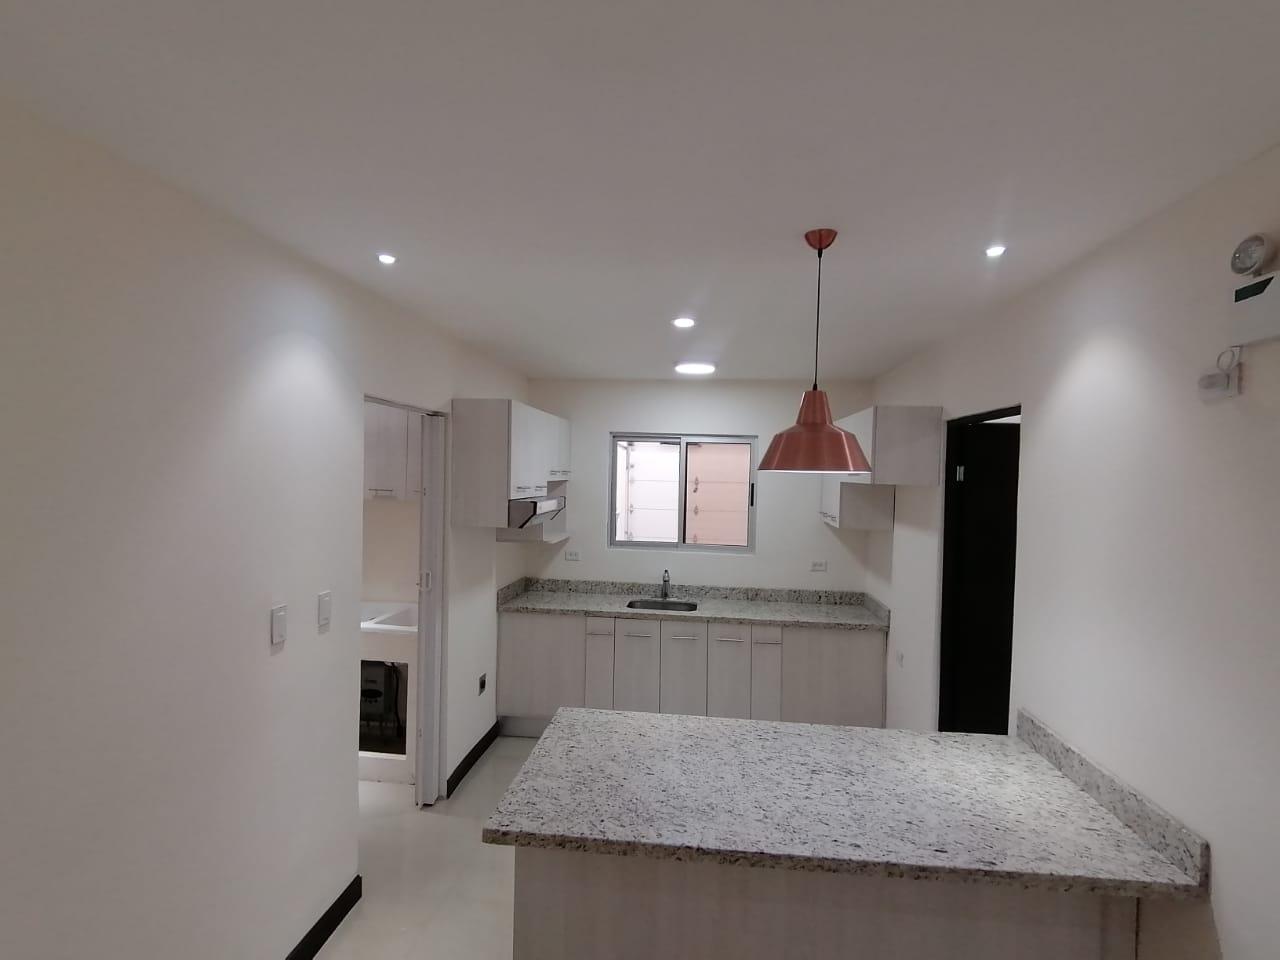 2859 Se Vende Apartamento a estrenar en Hatillo